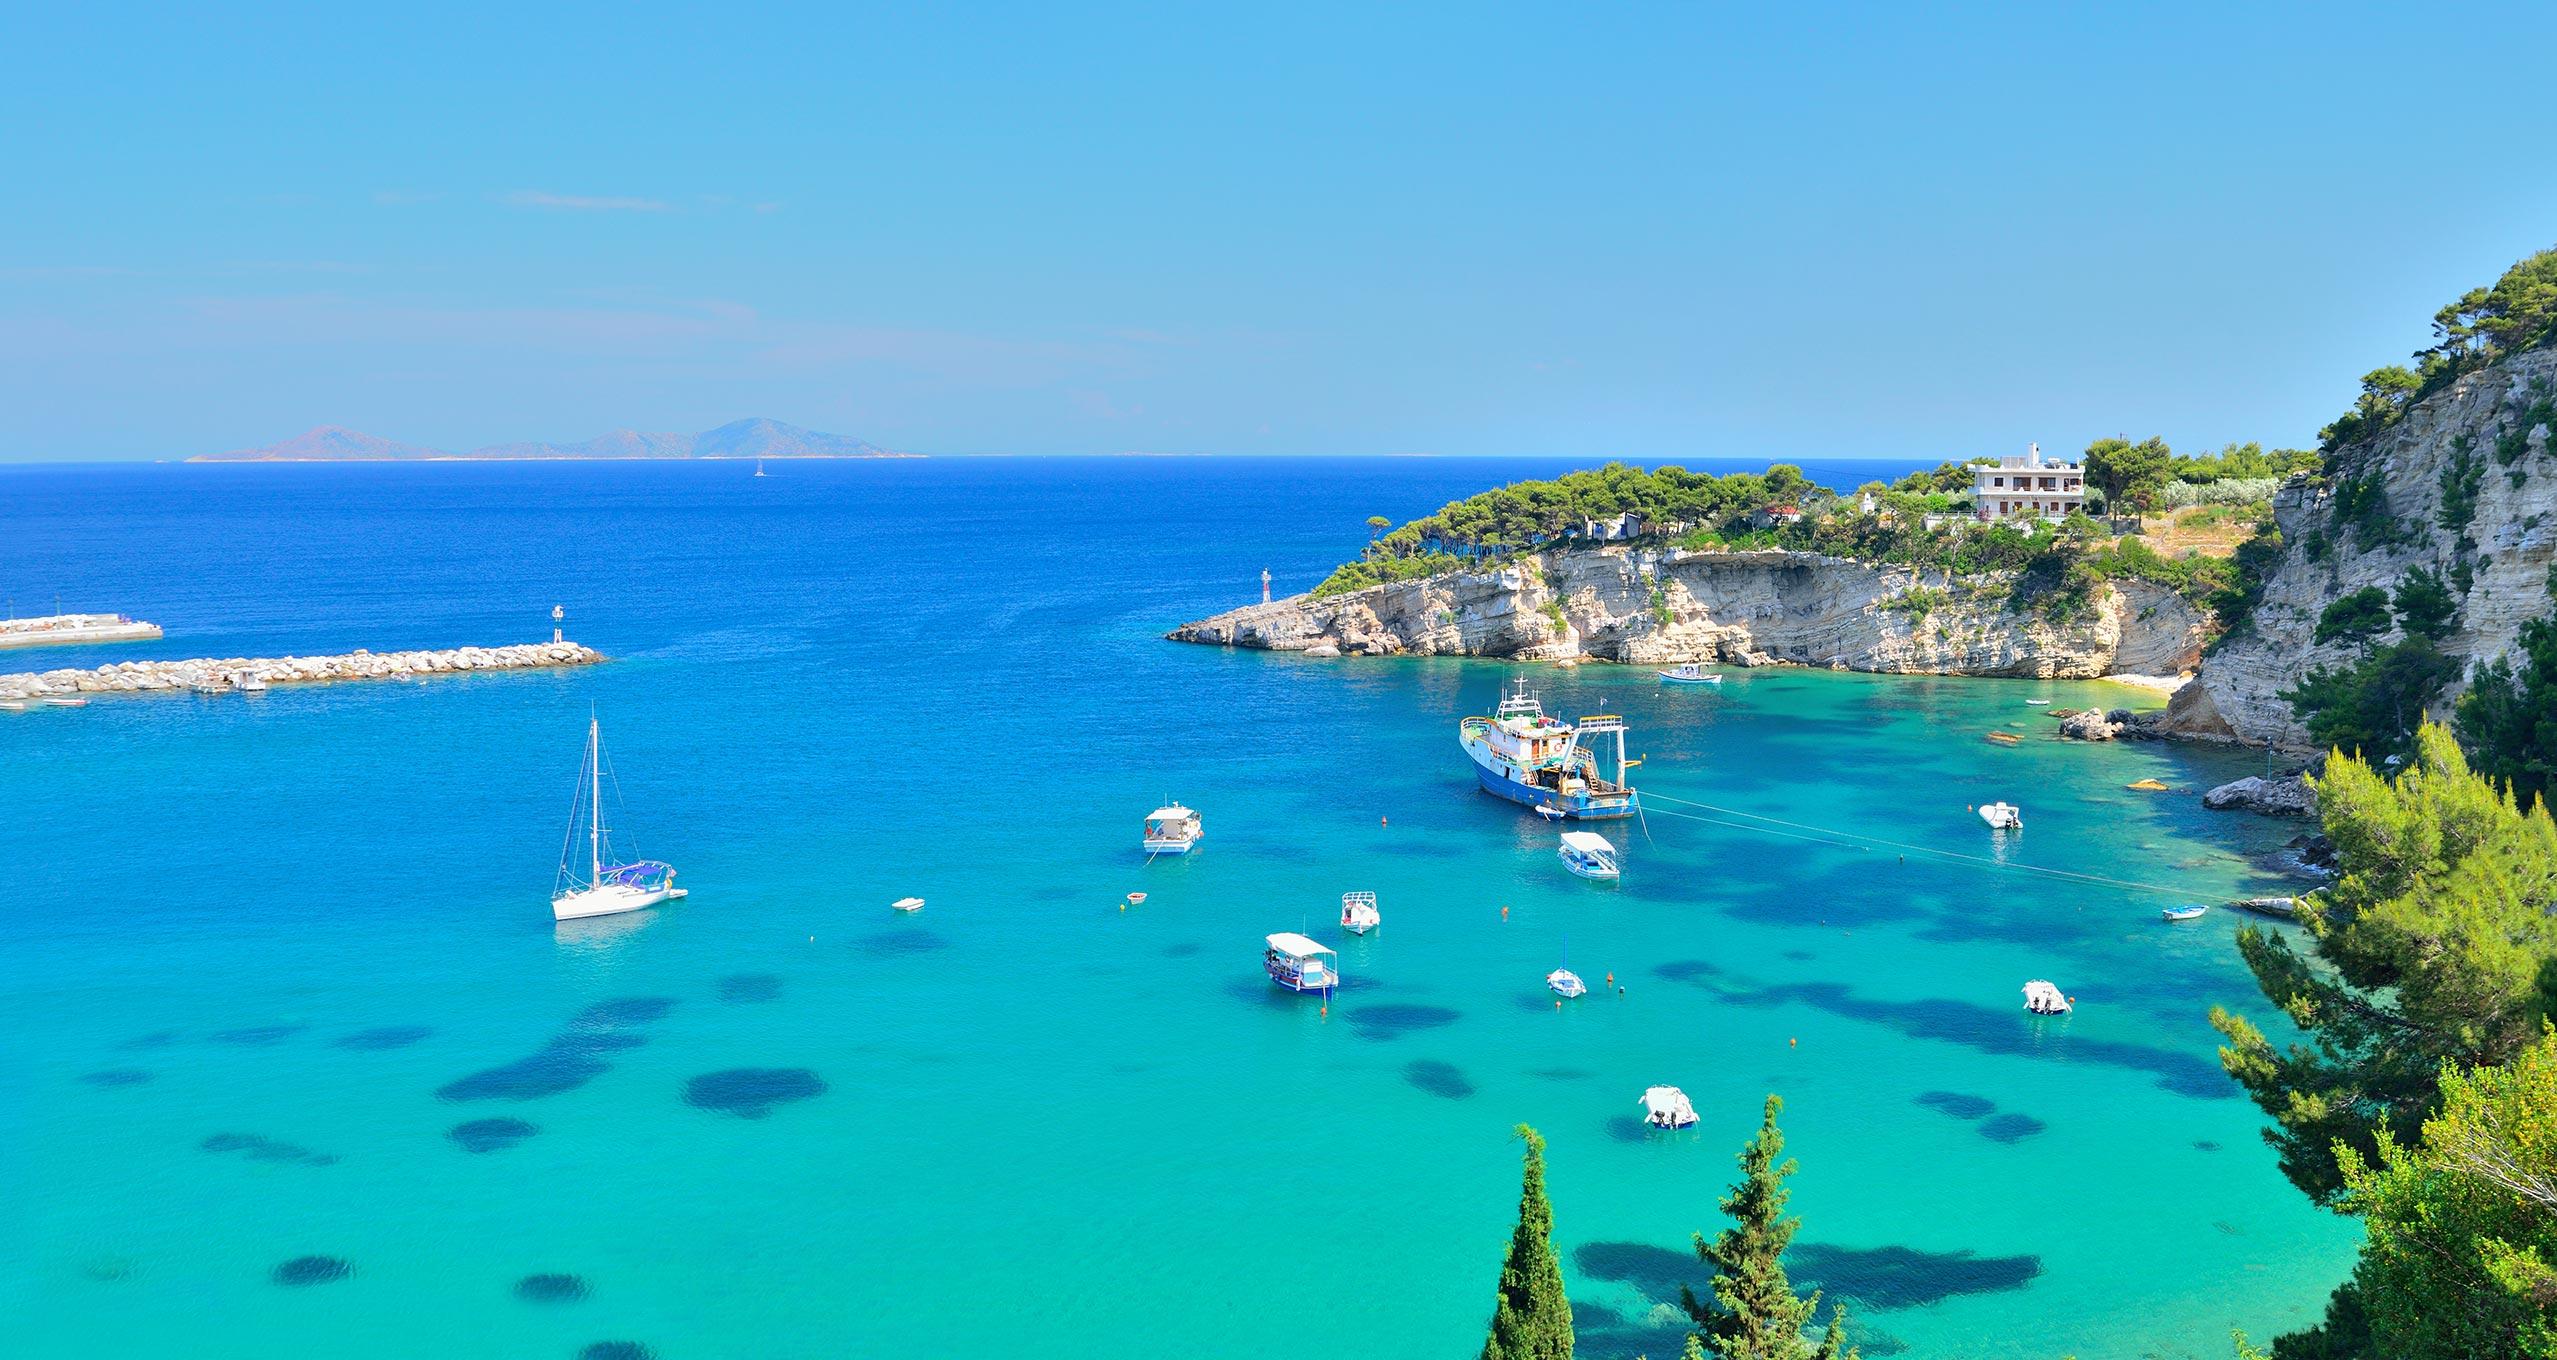 Греческий остров Алонисос признан одним из лучших в мире курортов для экотуризма